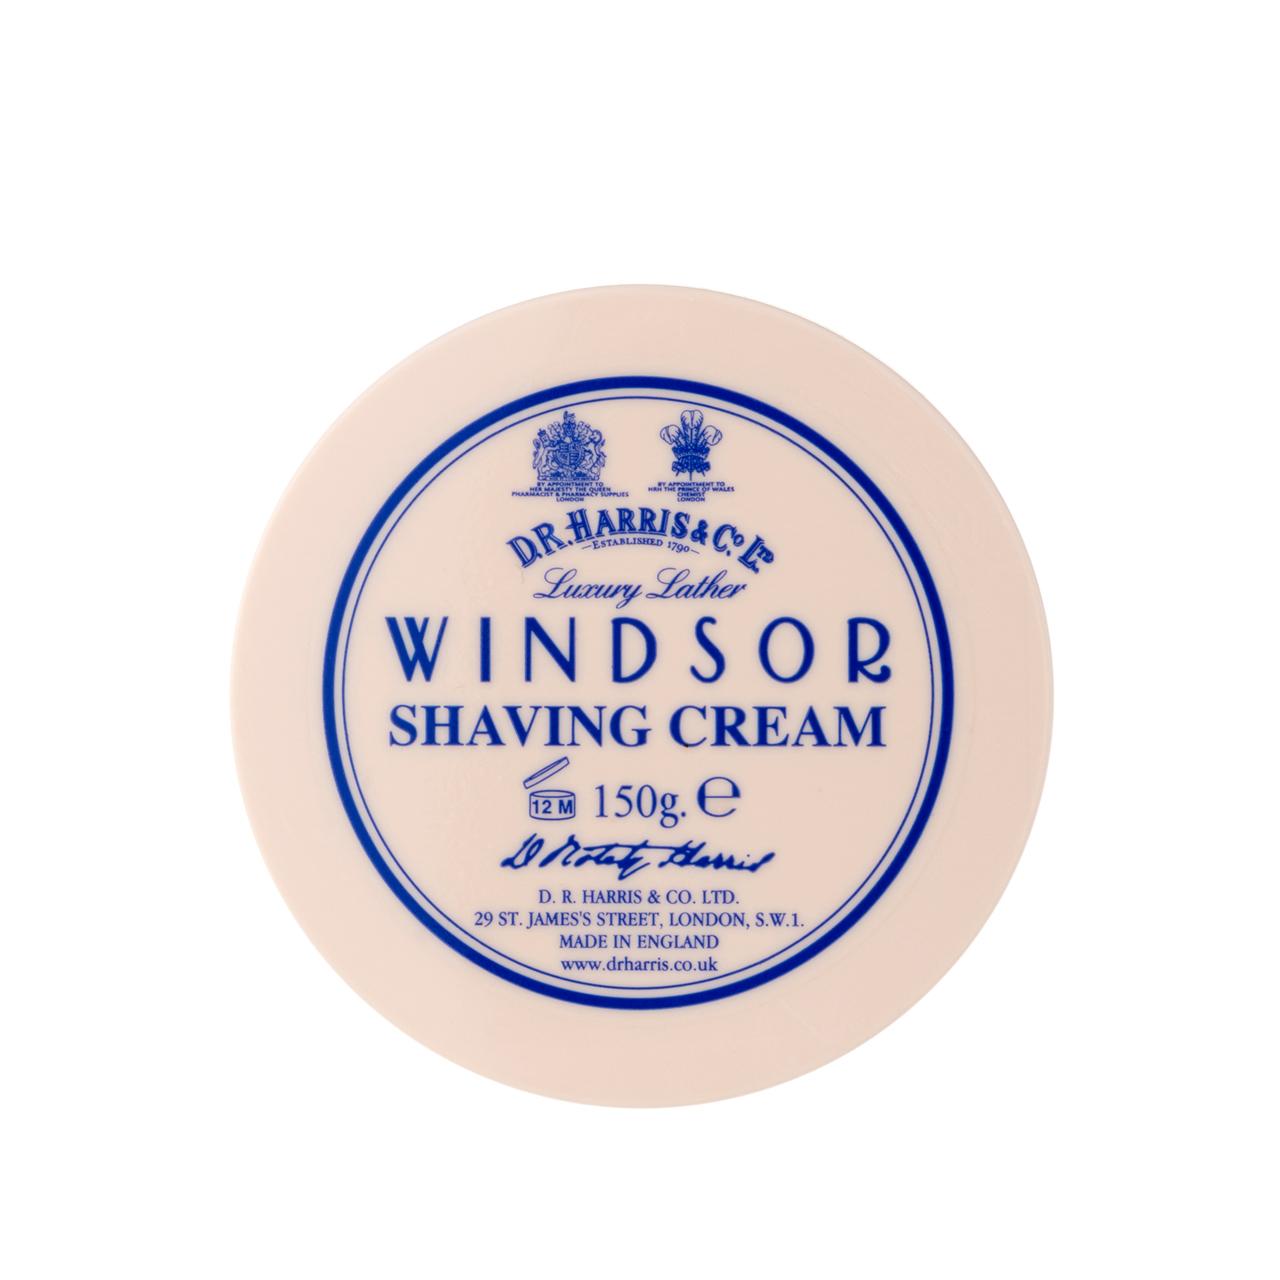 Windsor - Shaving Cream Bowl